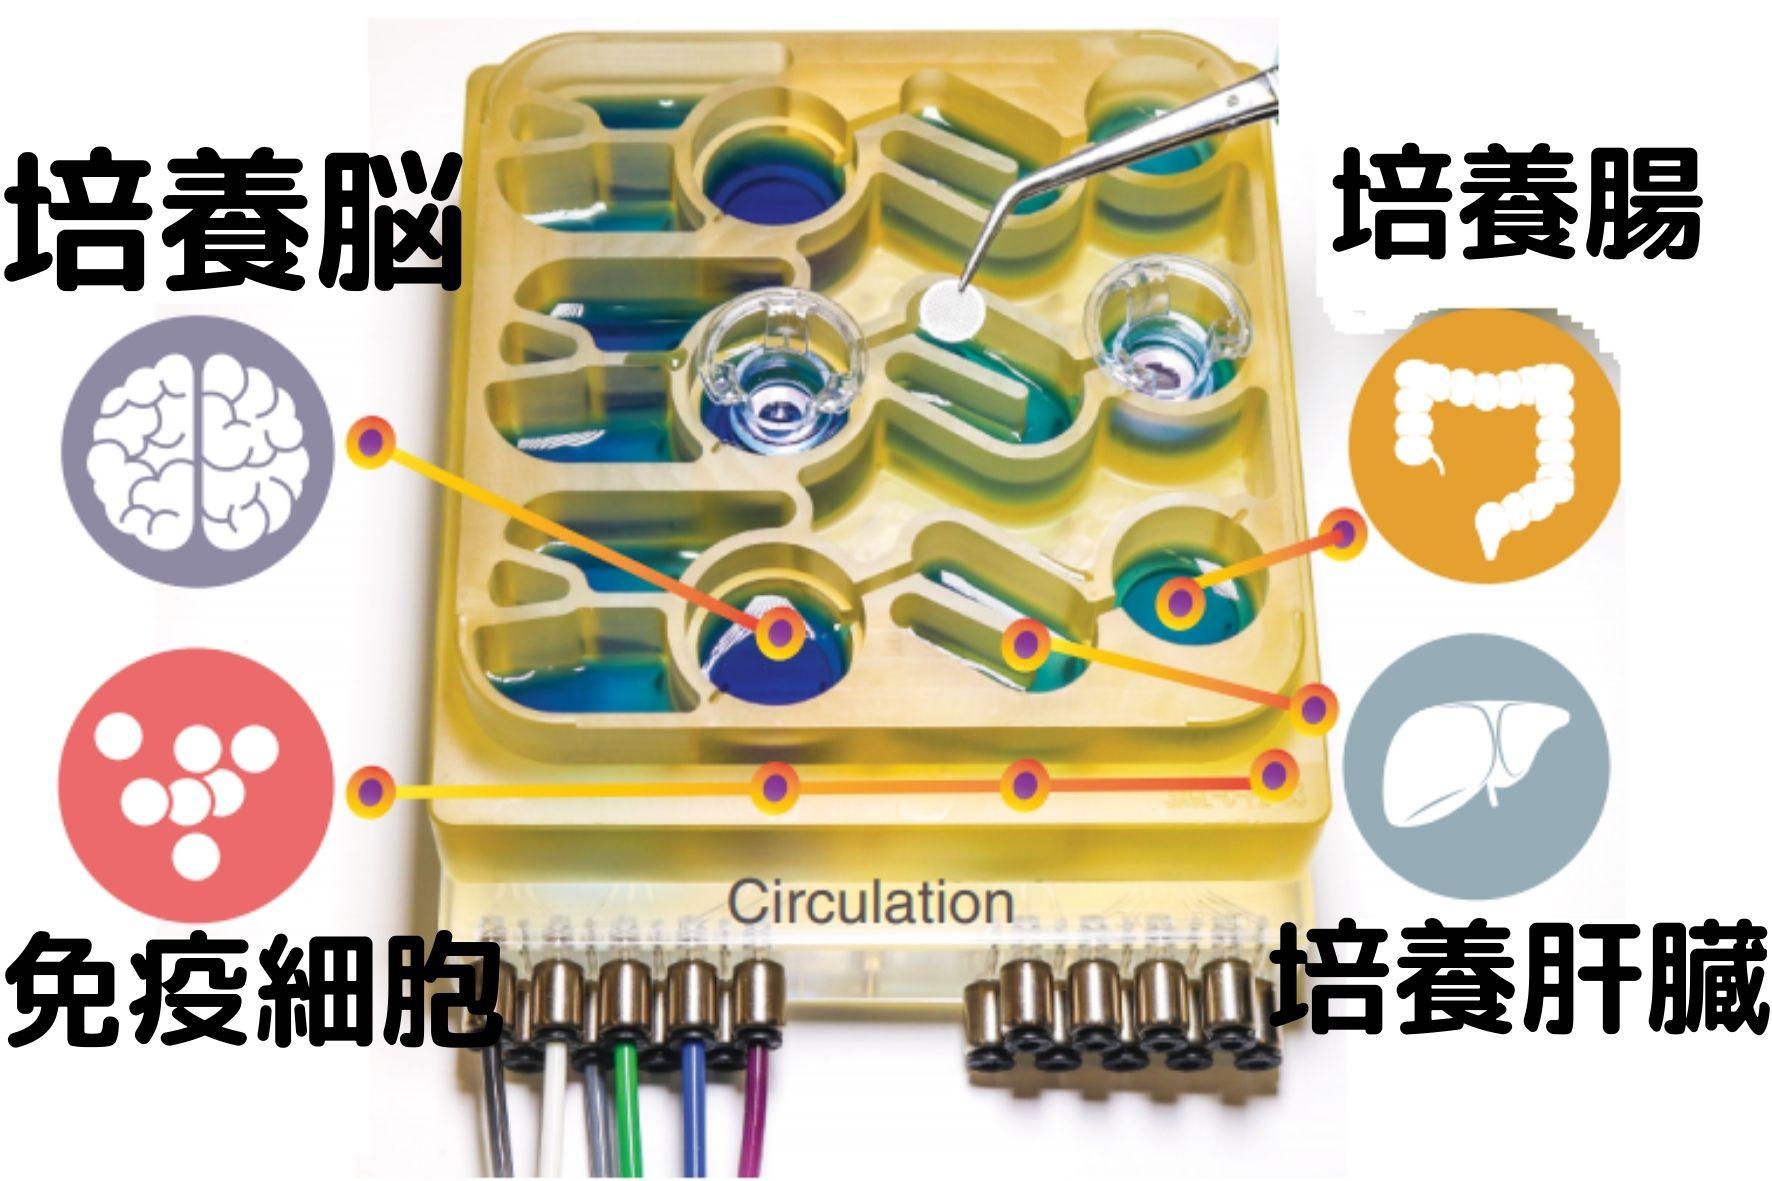 培養臓器を組み合わせた疑似人体が実際の実験に投入され始めている